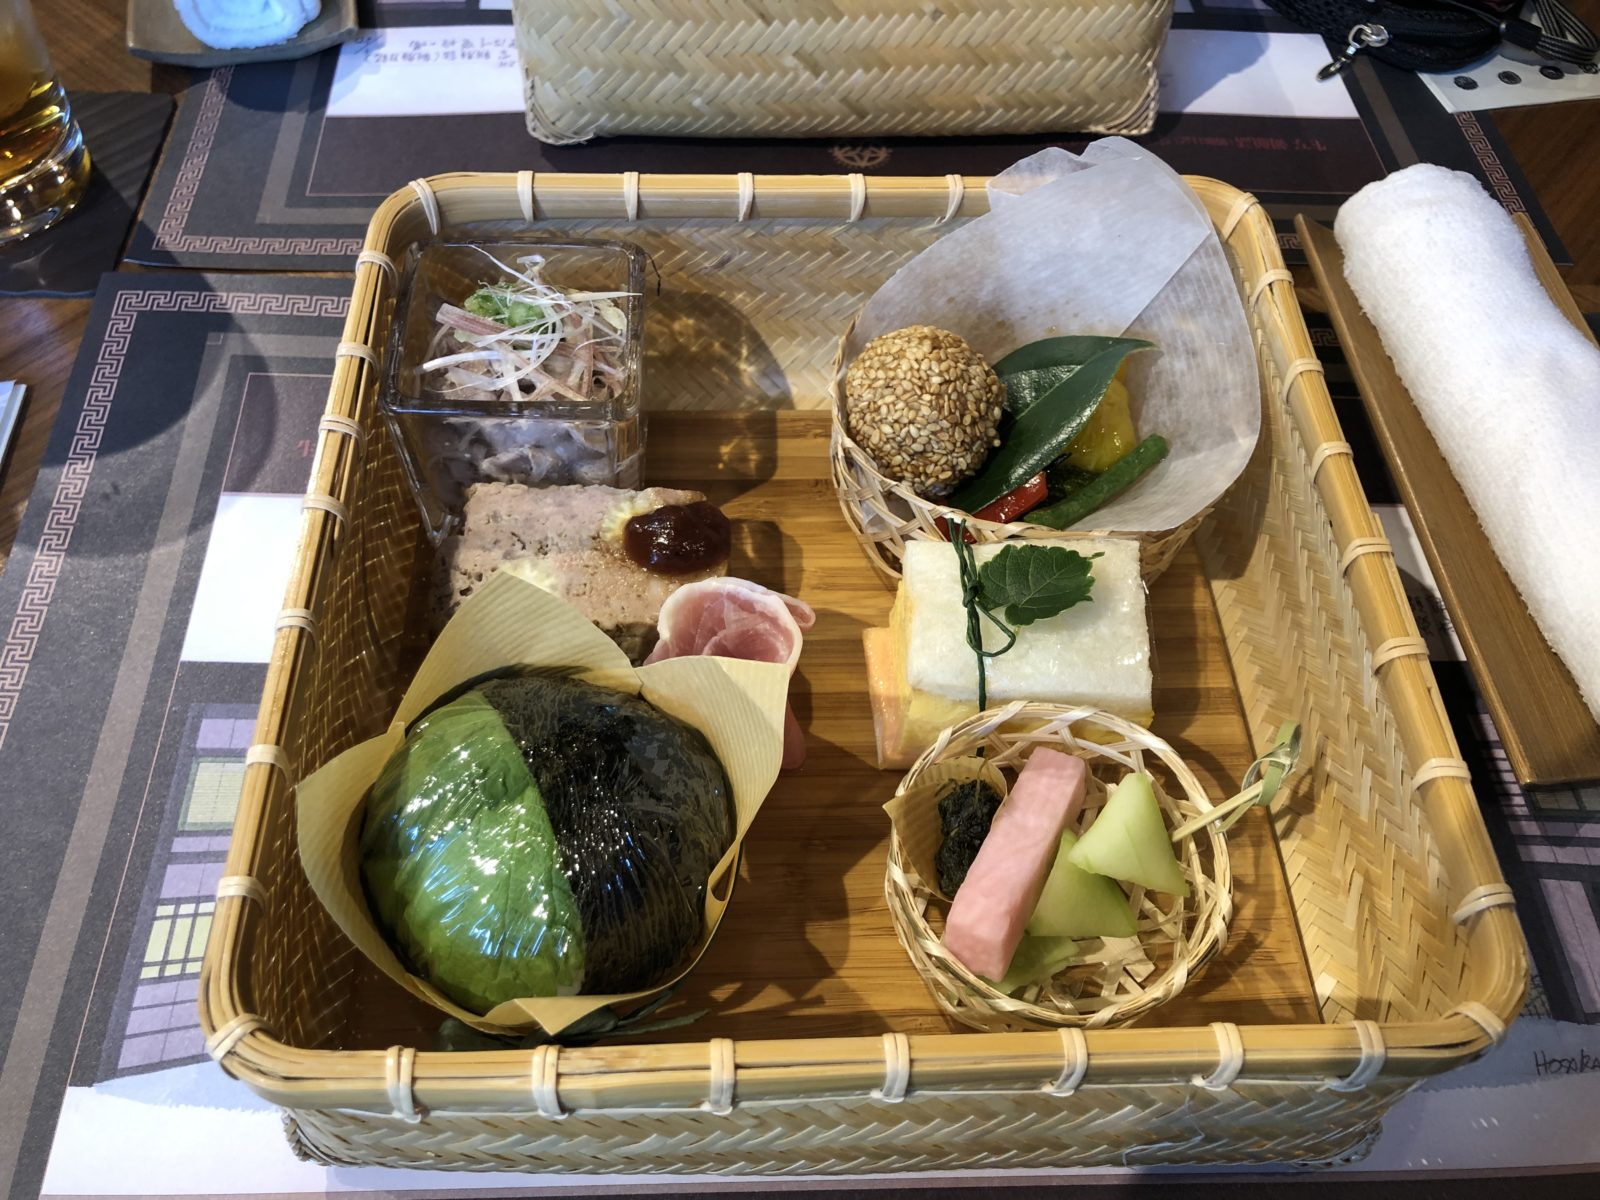 クルーズトレインななつ星㏌九州 乗車記 その10  テツの食卓99 ななつ星in九州 2日目昼食